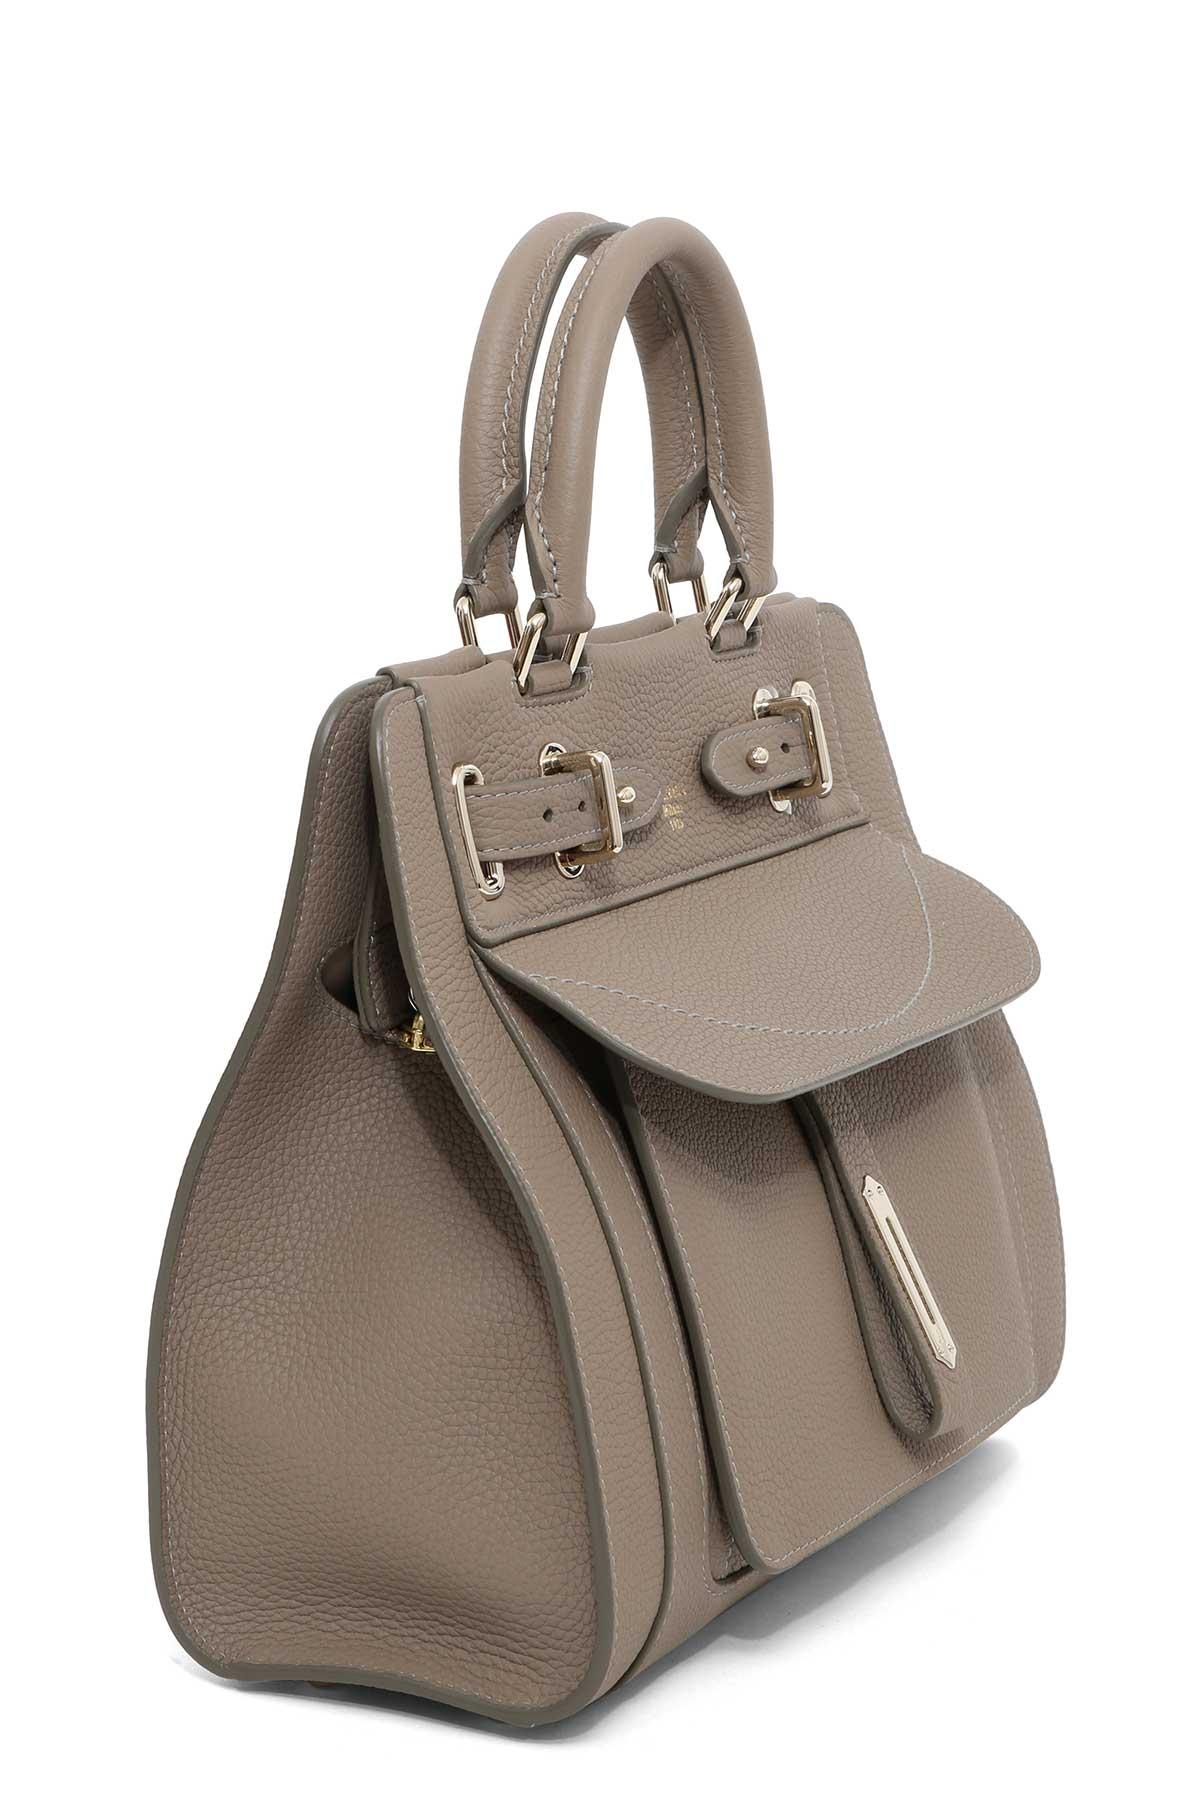 Fontana Couture 'a' Lady Togo Handbag